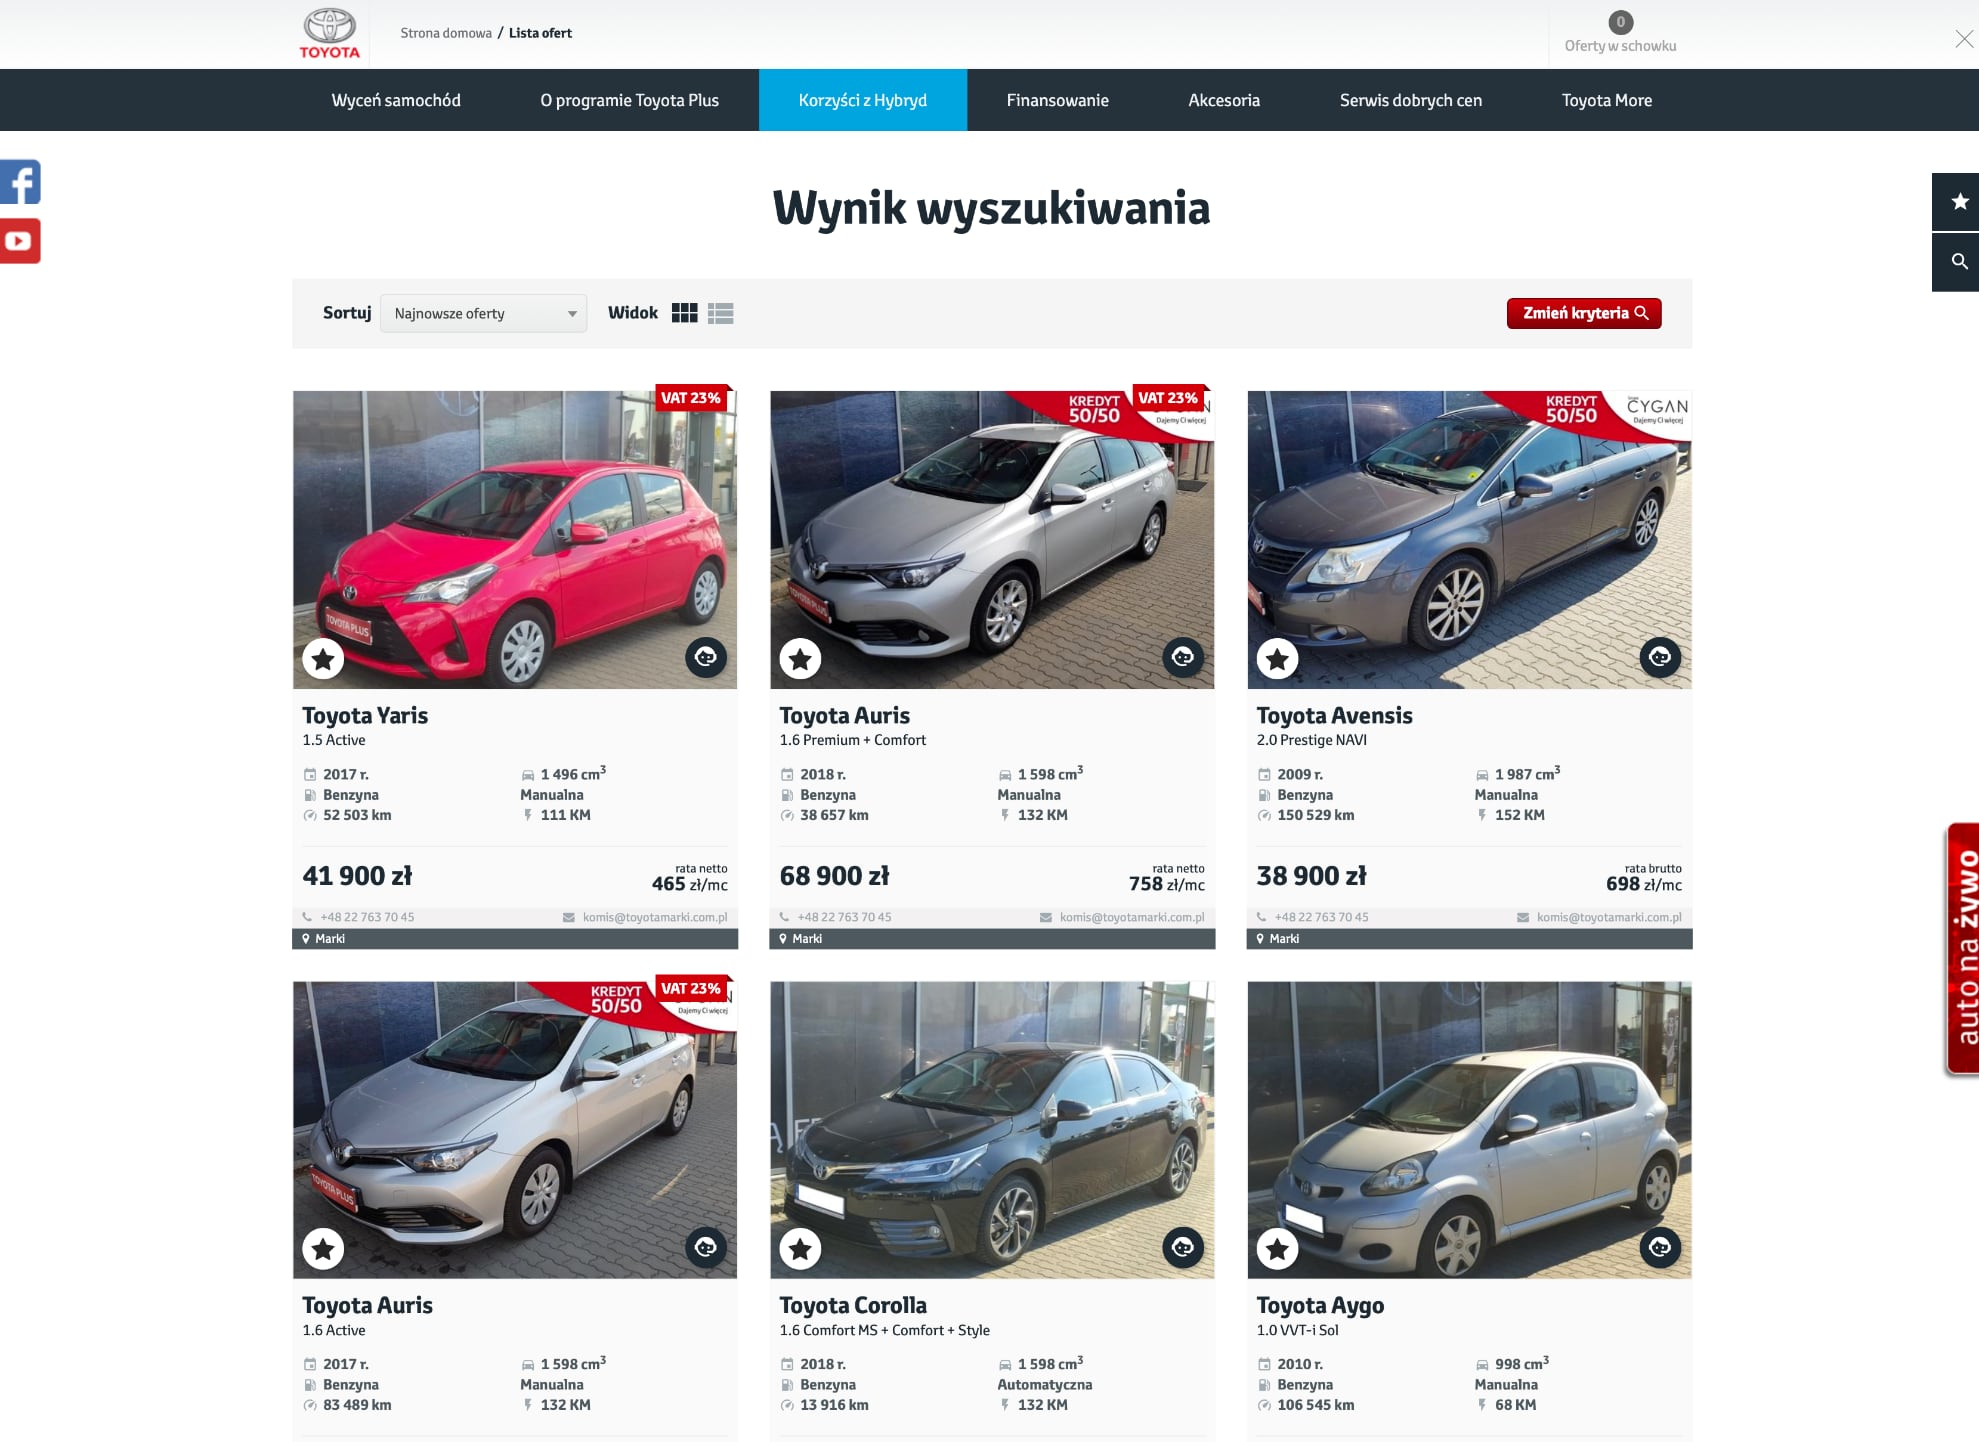 Grupa Cygan – samochody używane